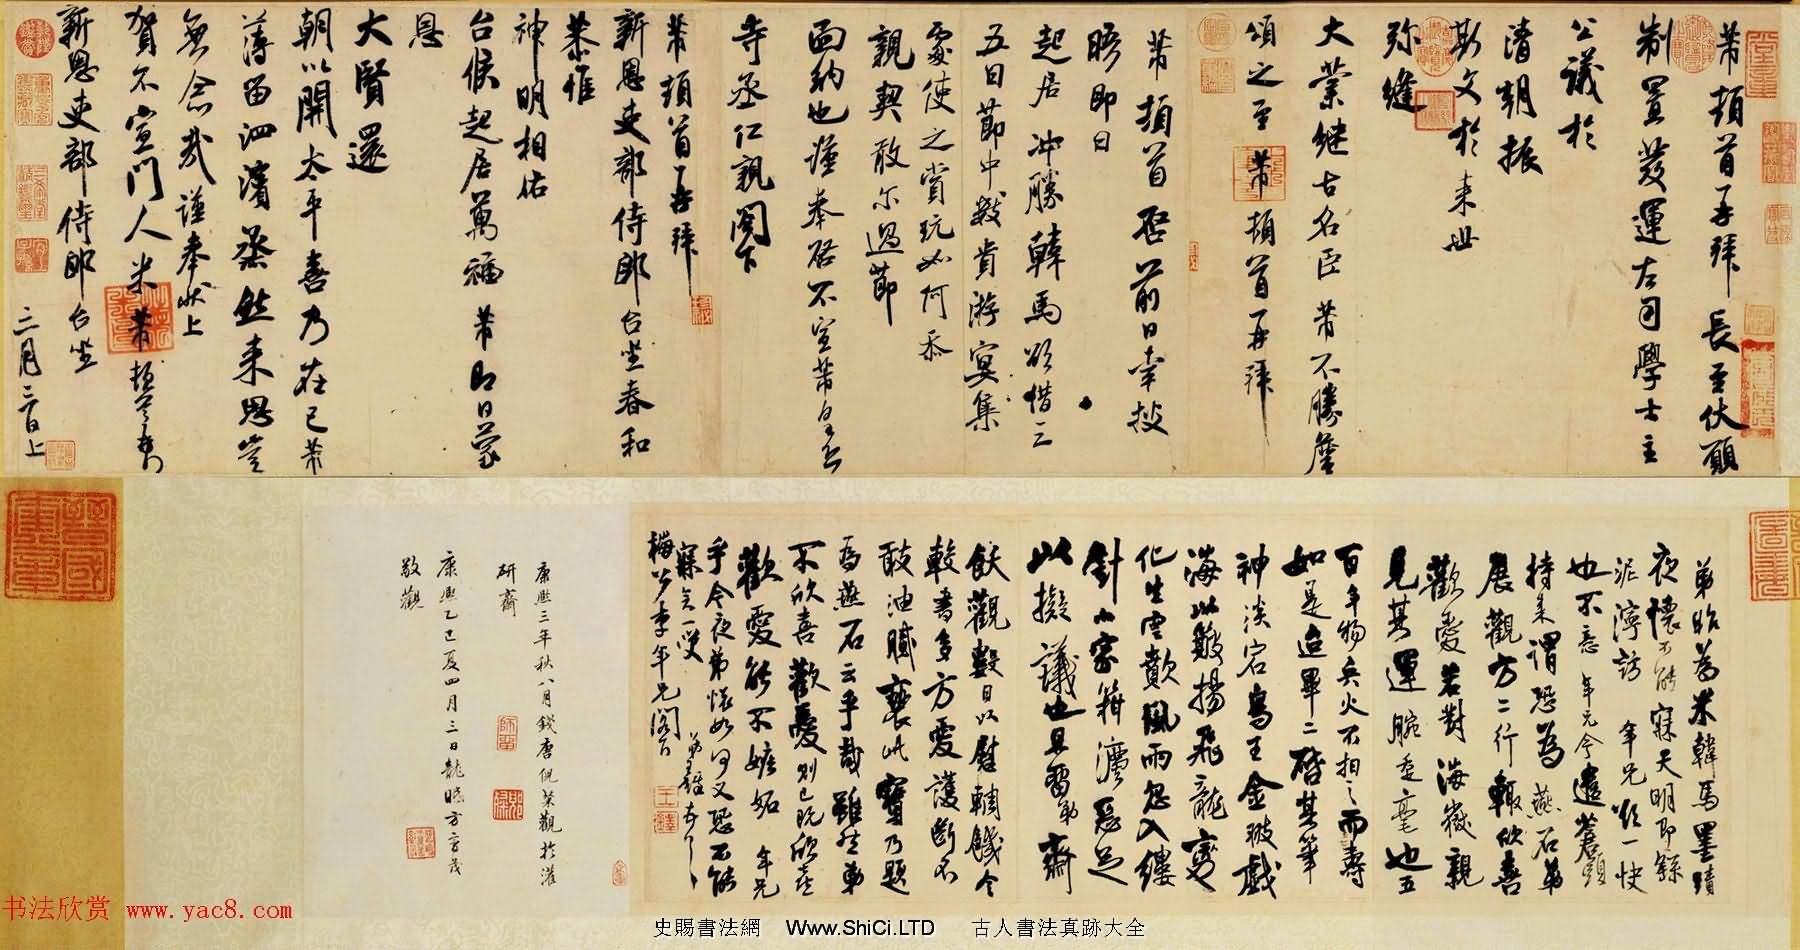 米芾晚期書法作品真跡《行書三札卷》(共8張圖片)